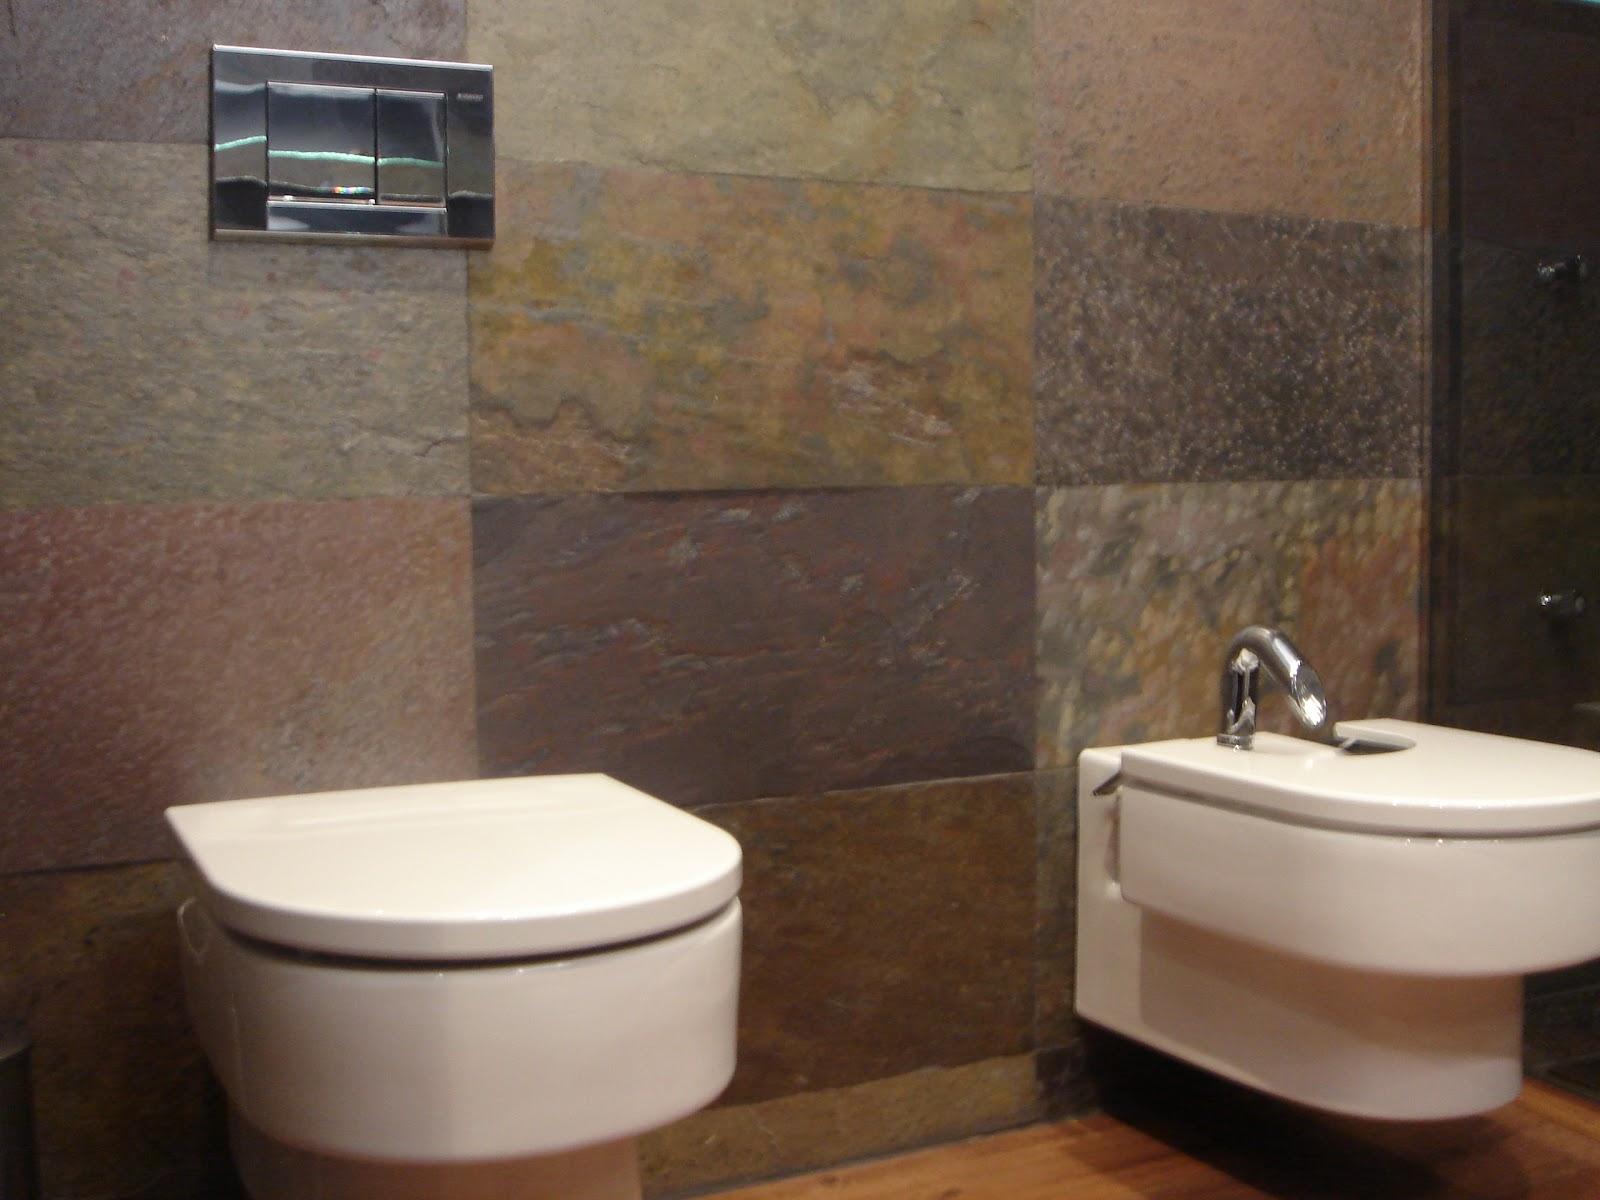 Unifa disseny paredes de piedra natural - Banos con paredes de piedra ...